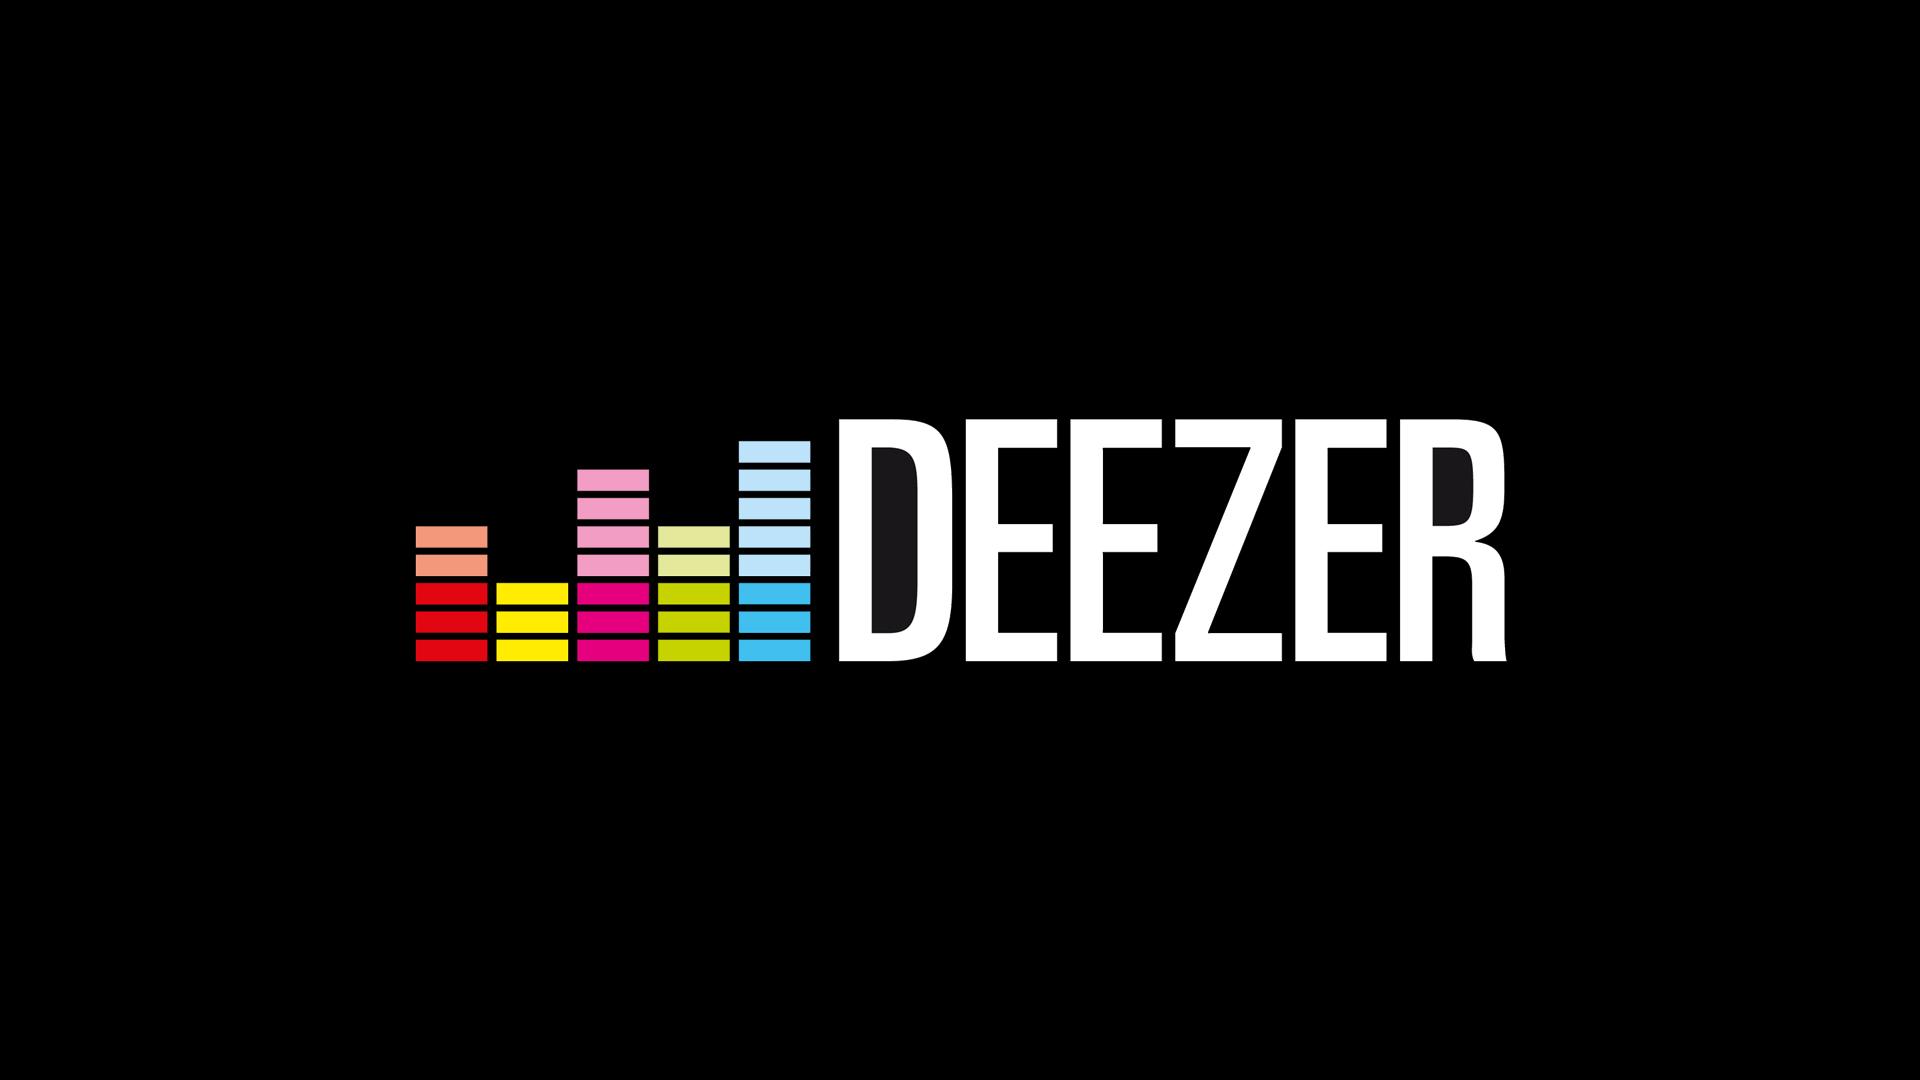 deezer desktop download